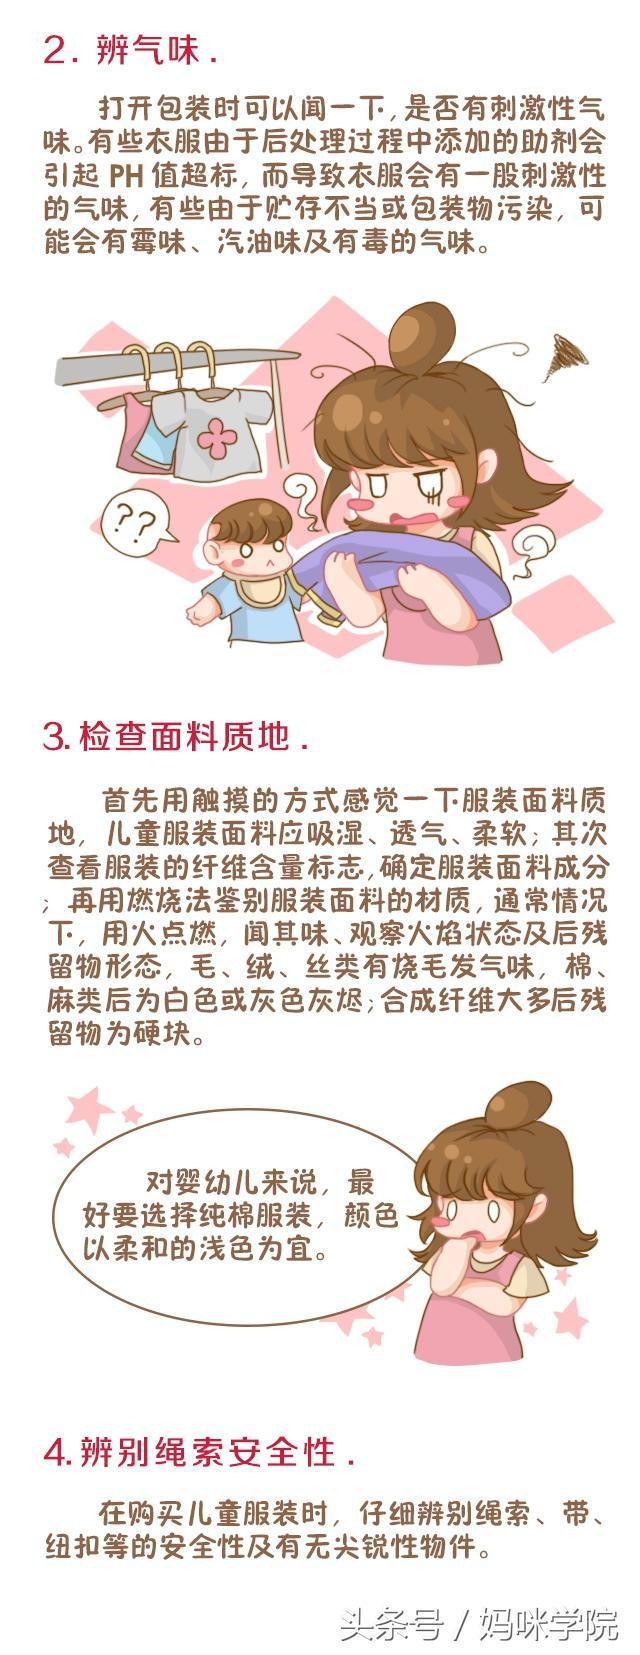 四招教你鉴别优质童装,快来看看你家宝宝衣服是否安全!!